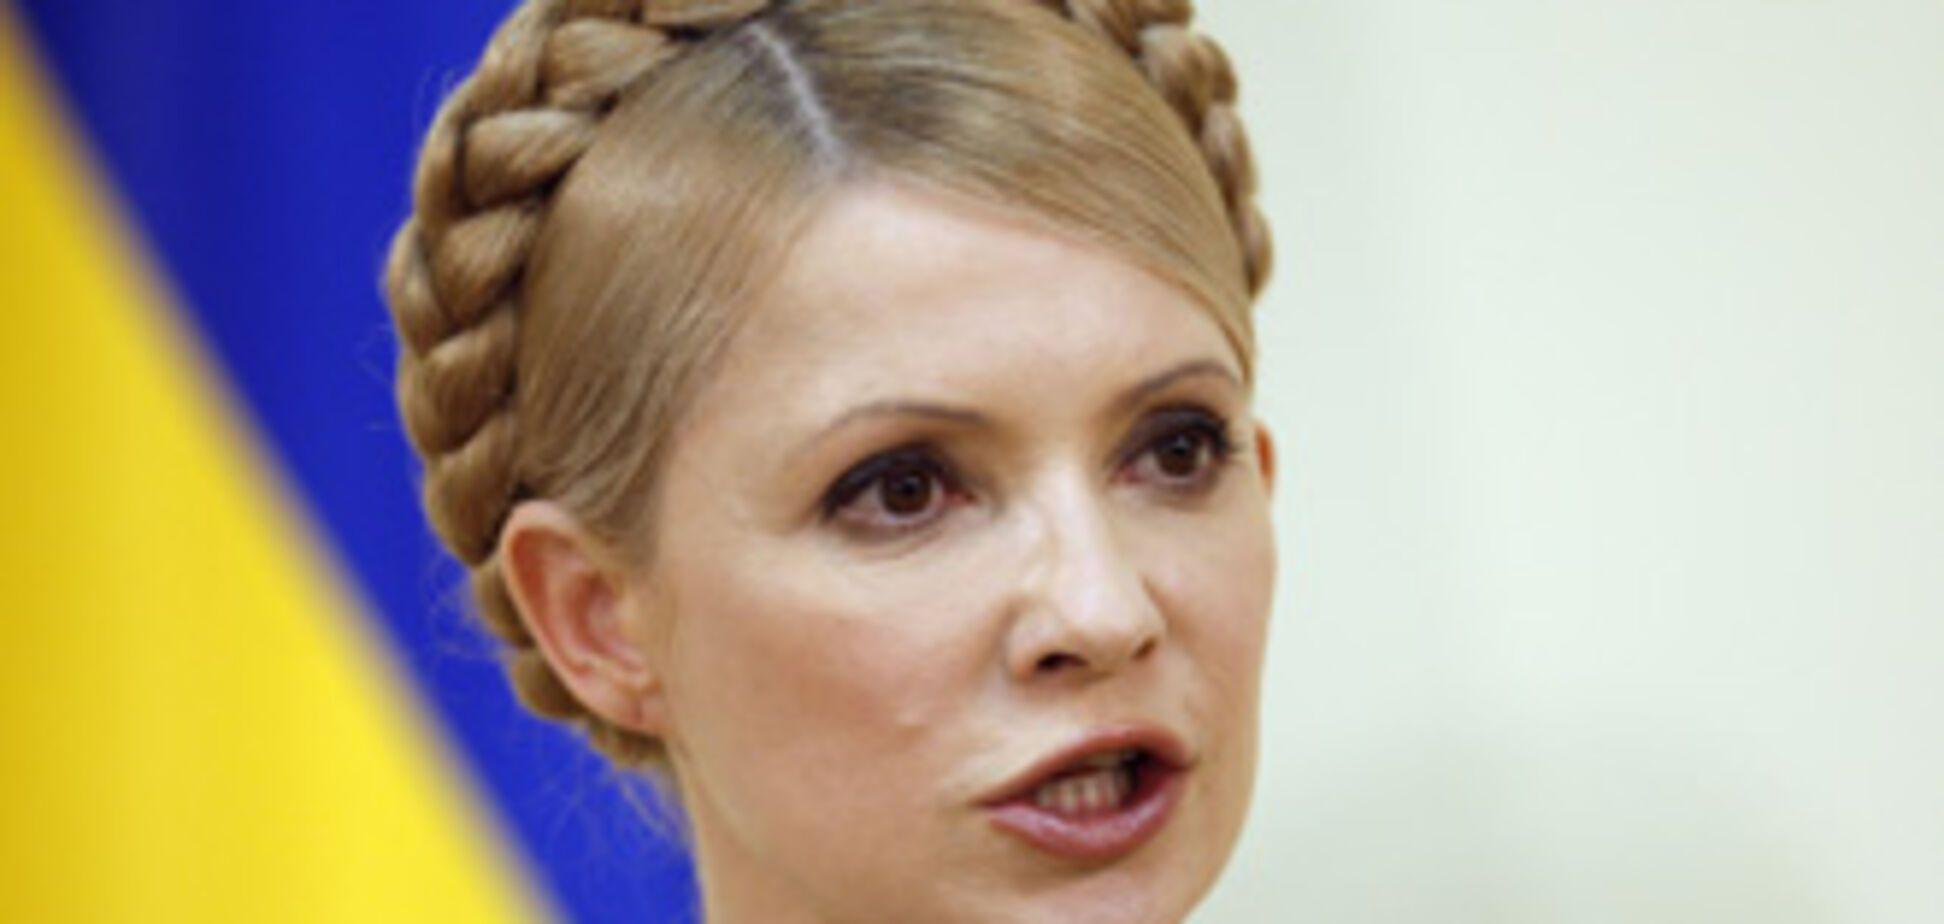 Тимошенко знає, чого боїться Янукович